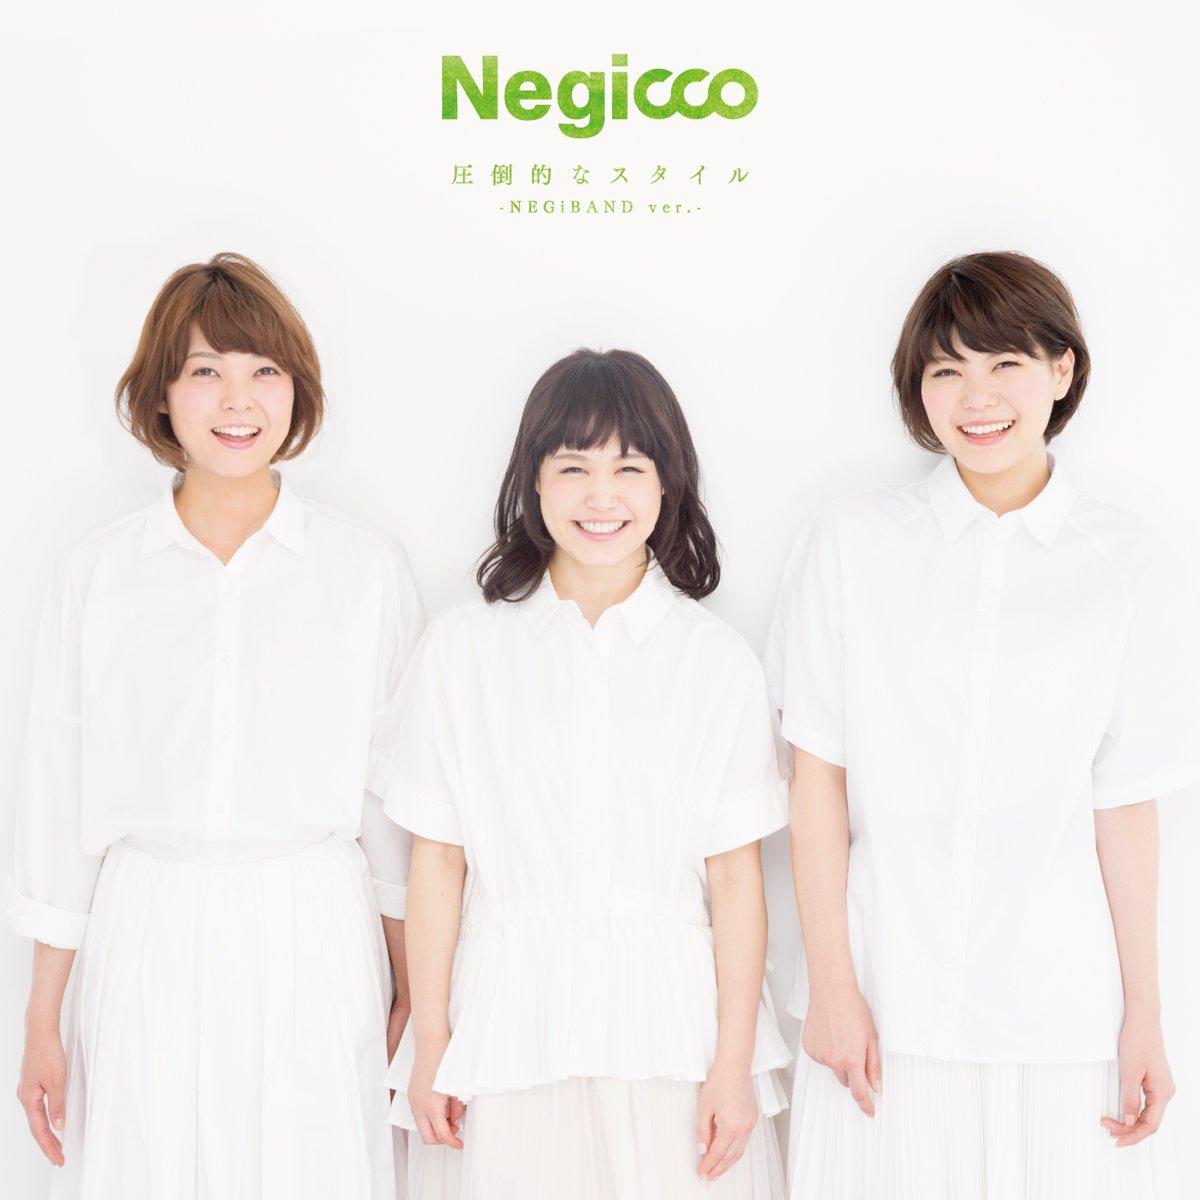 新潟県ロコドルNegiccoのココがいい♪10月からはホールツアーも